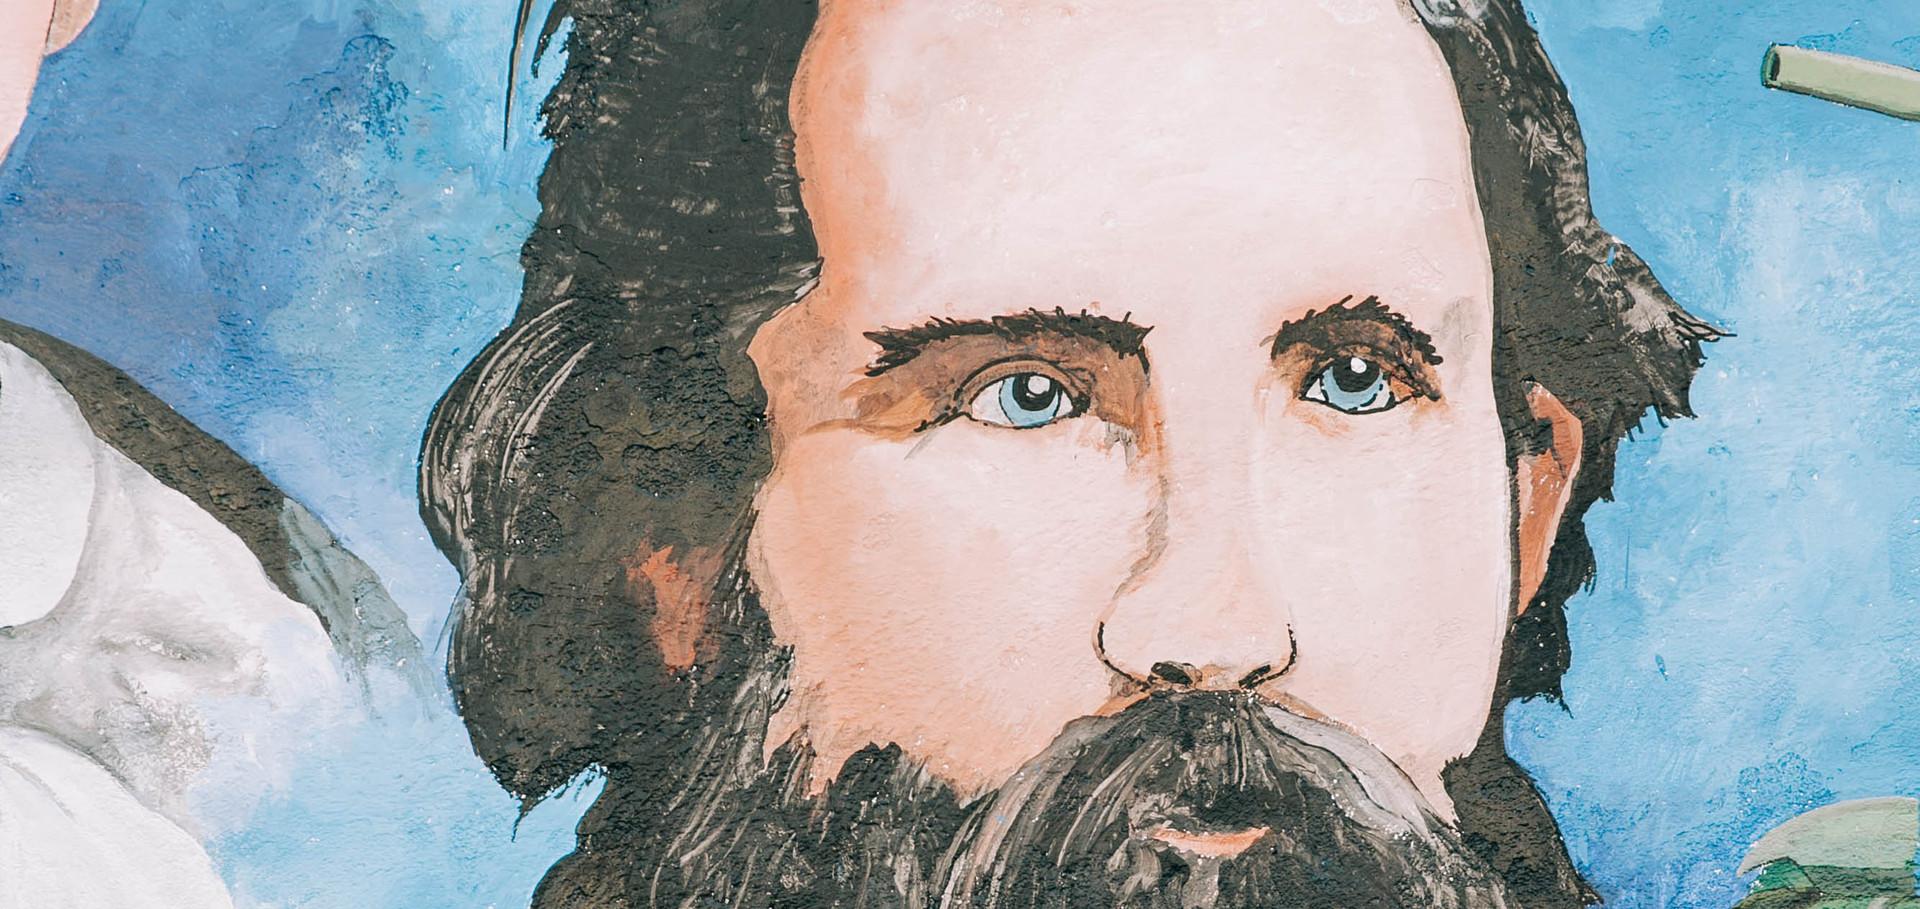 Cherokee Bill Babb